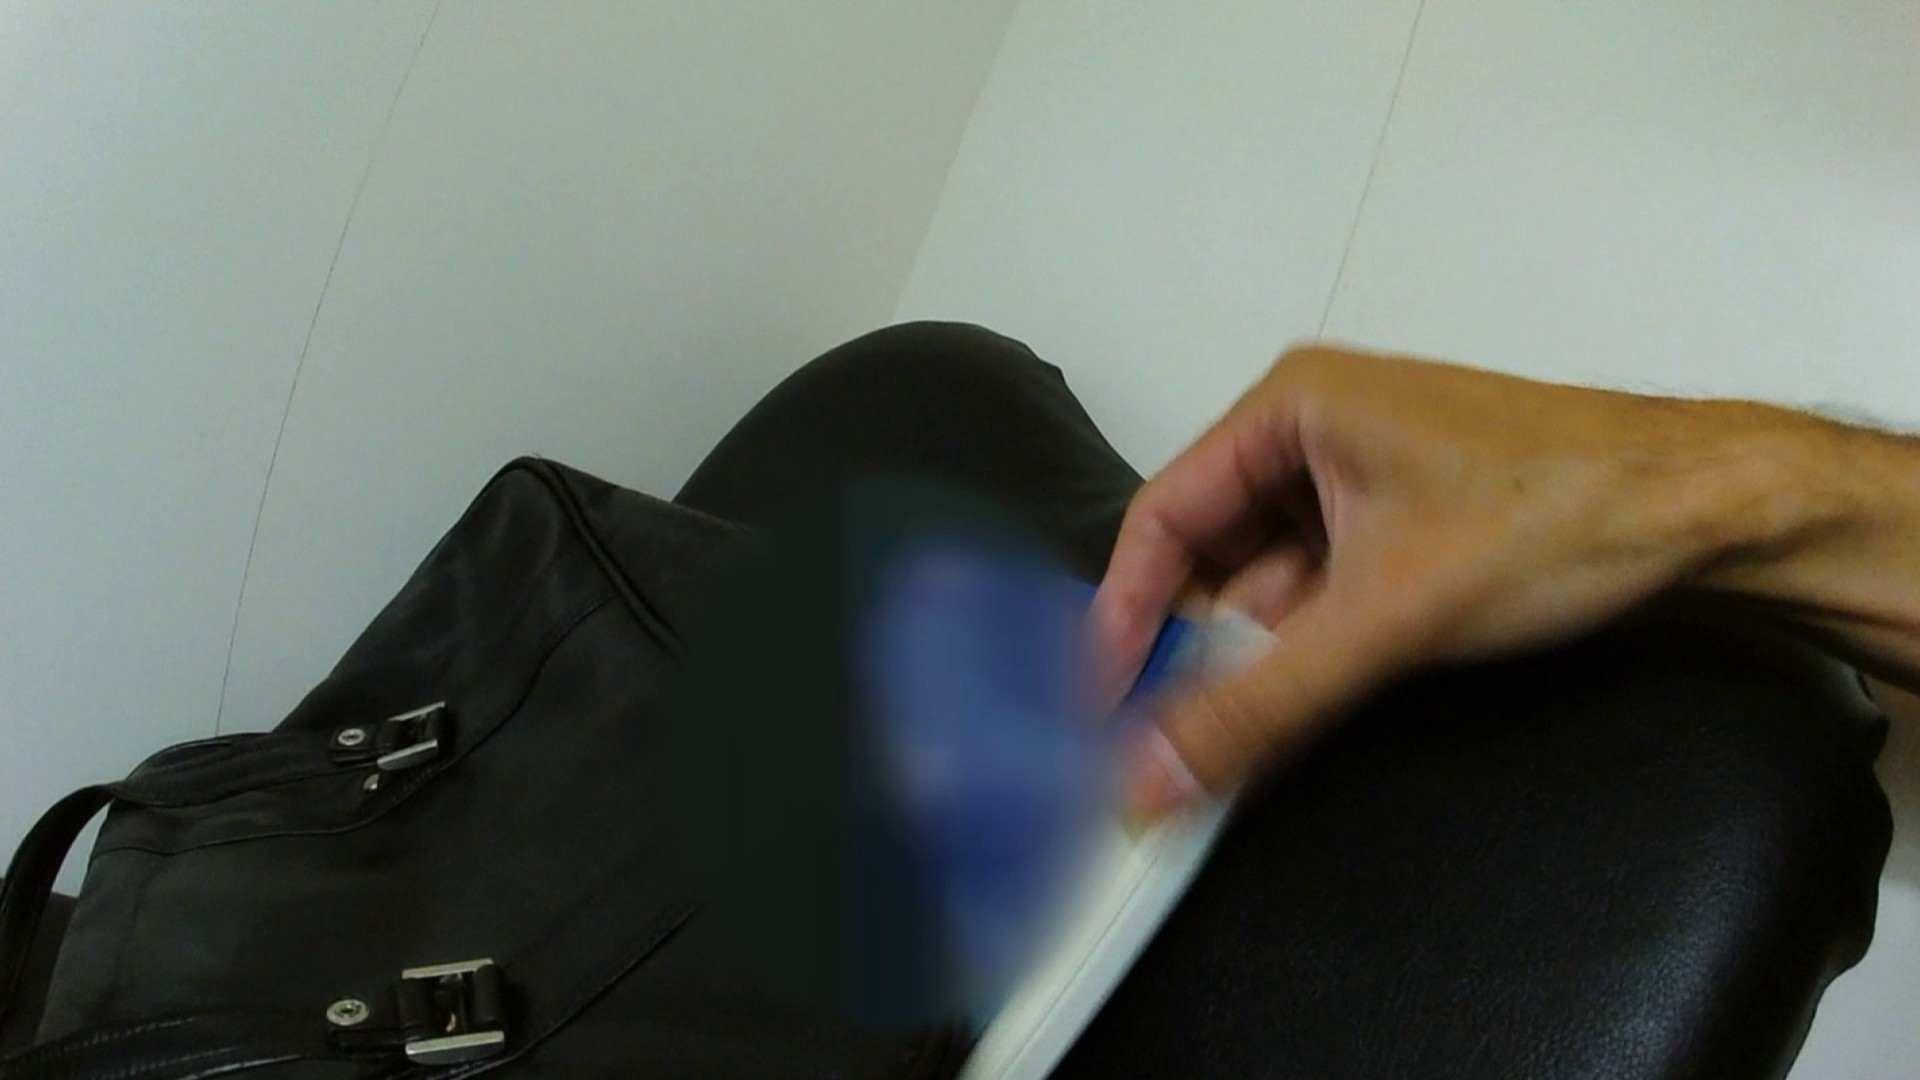 悪戯ネットカフェ Vol13 前編 最近のこの手の女性は、みんなツルット処理?? 盗撮 オマンコ動画キャプチャ 85pic 3